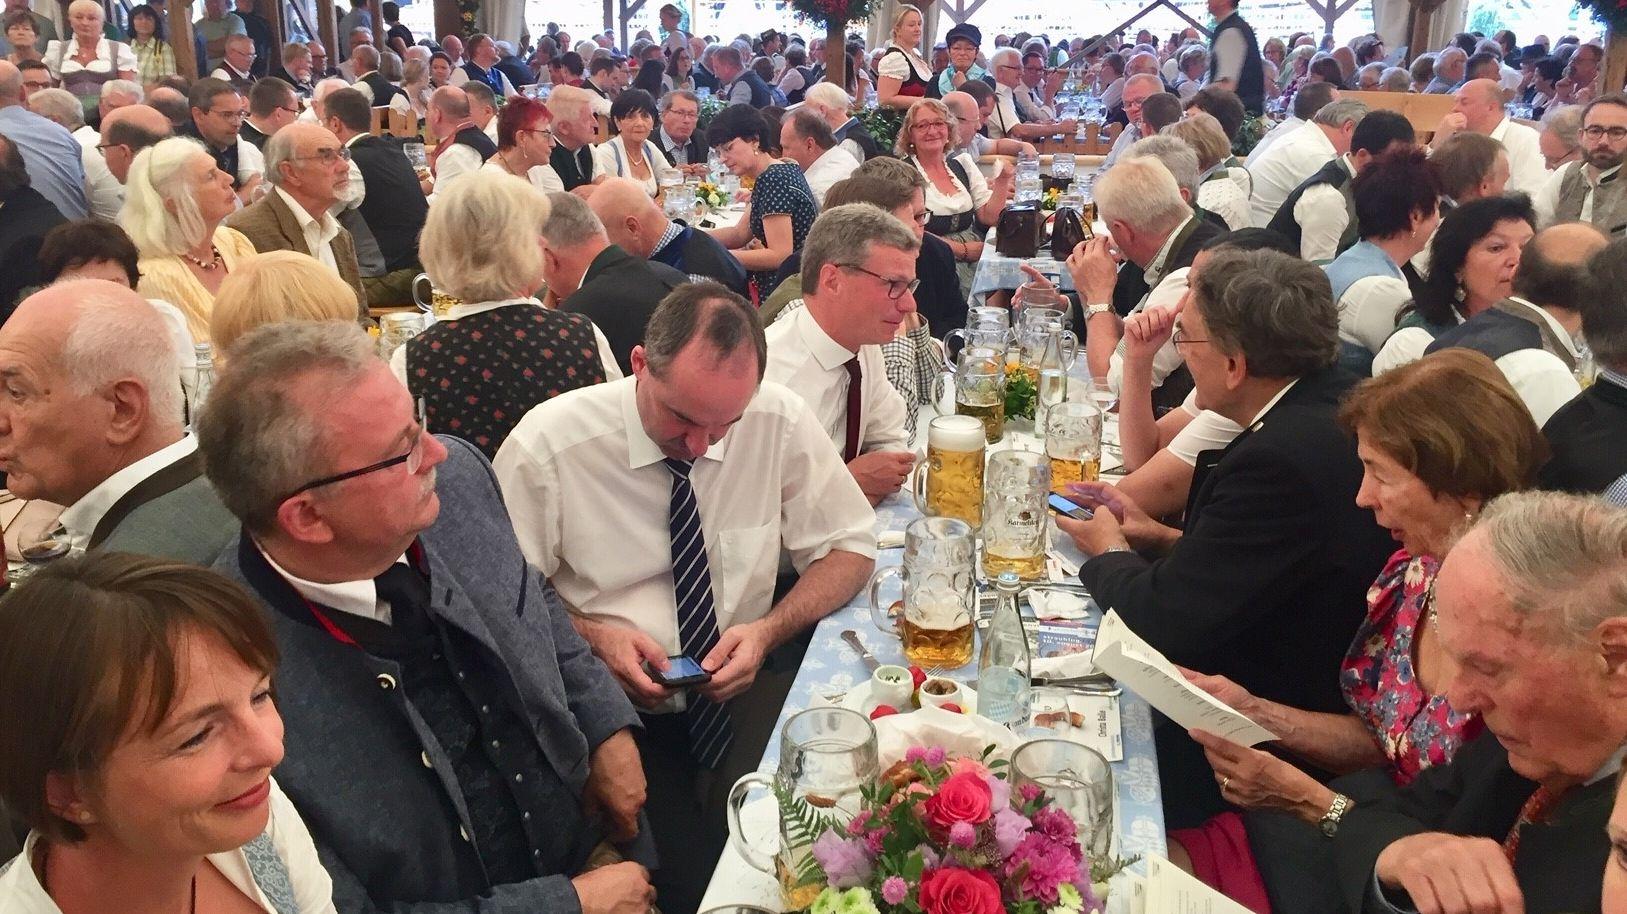 Unter den Gäubodenvolksfest-Besuchern auch Wirtschaftsminister Hubert Aiwanger (Freie Wähler) und Wissenschaftsminister Bernd Sibler (CSU).